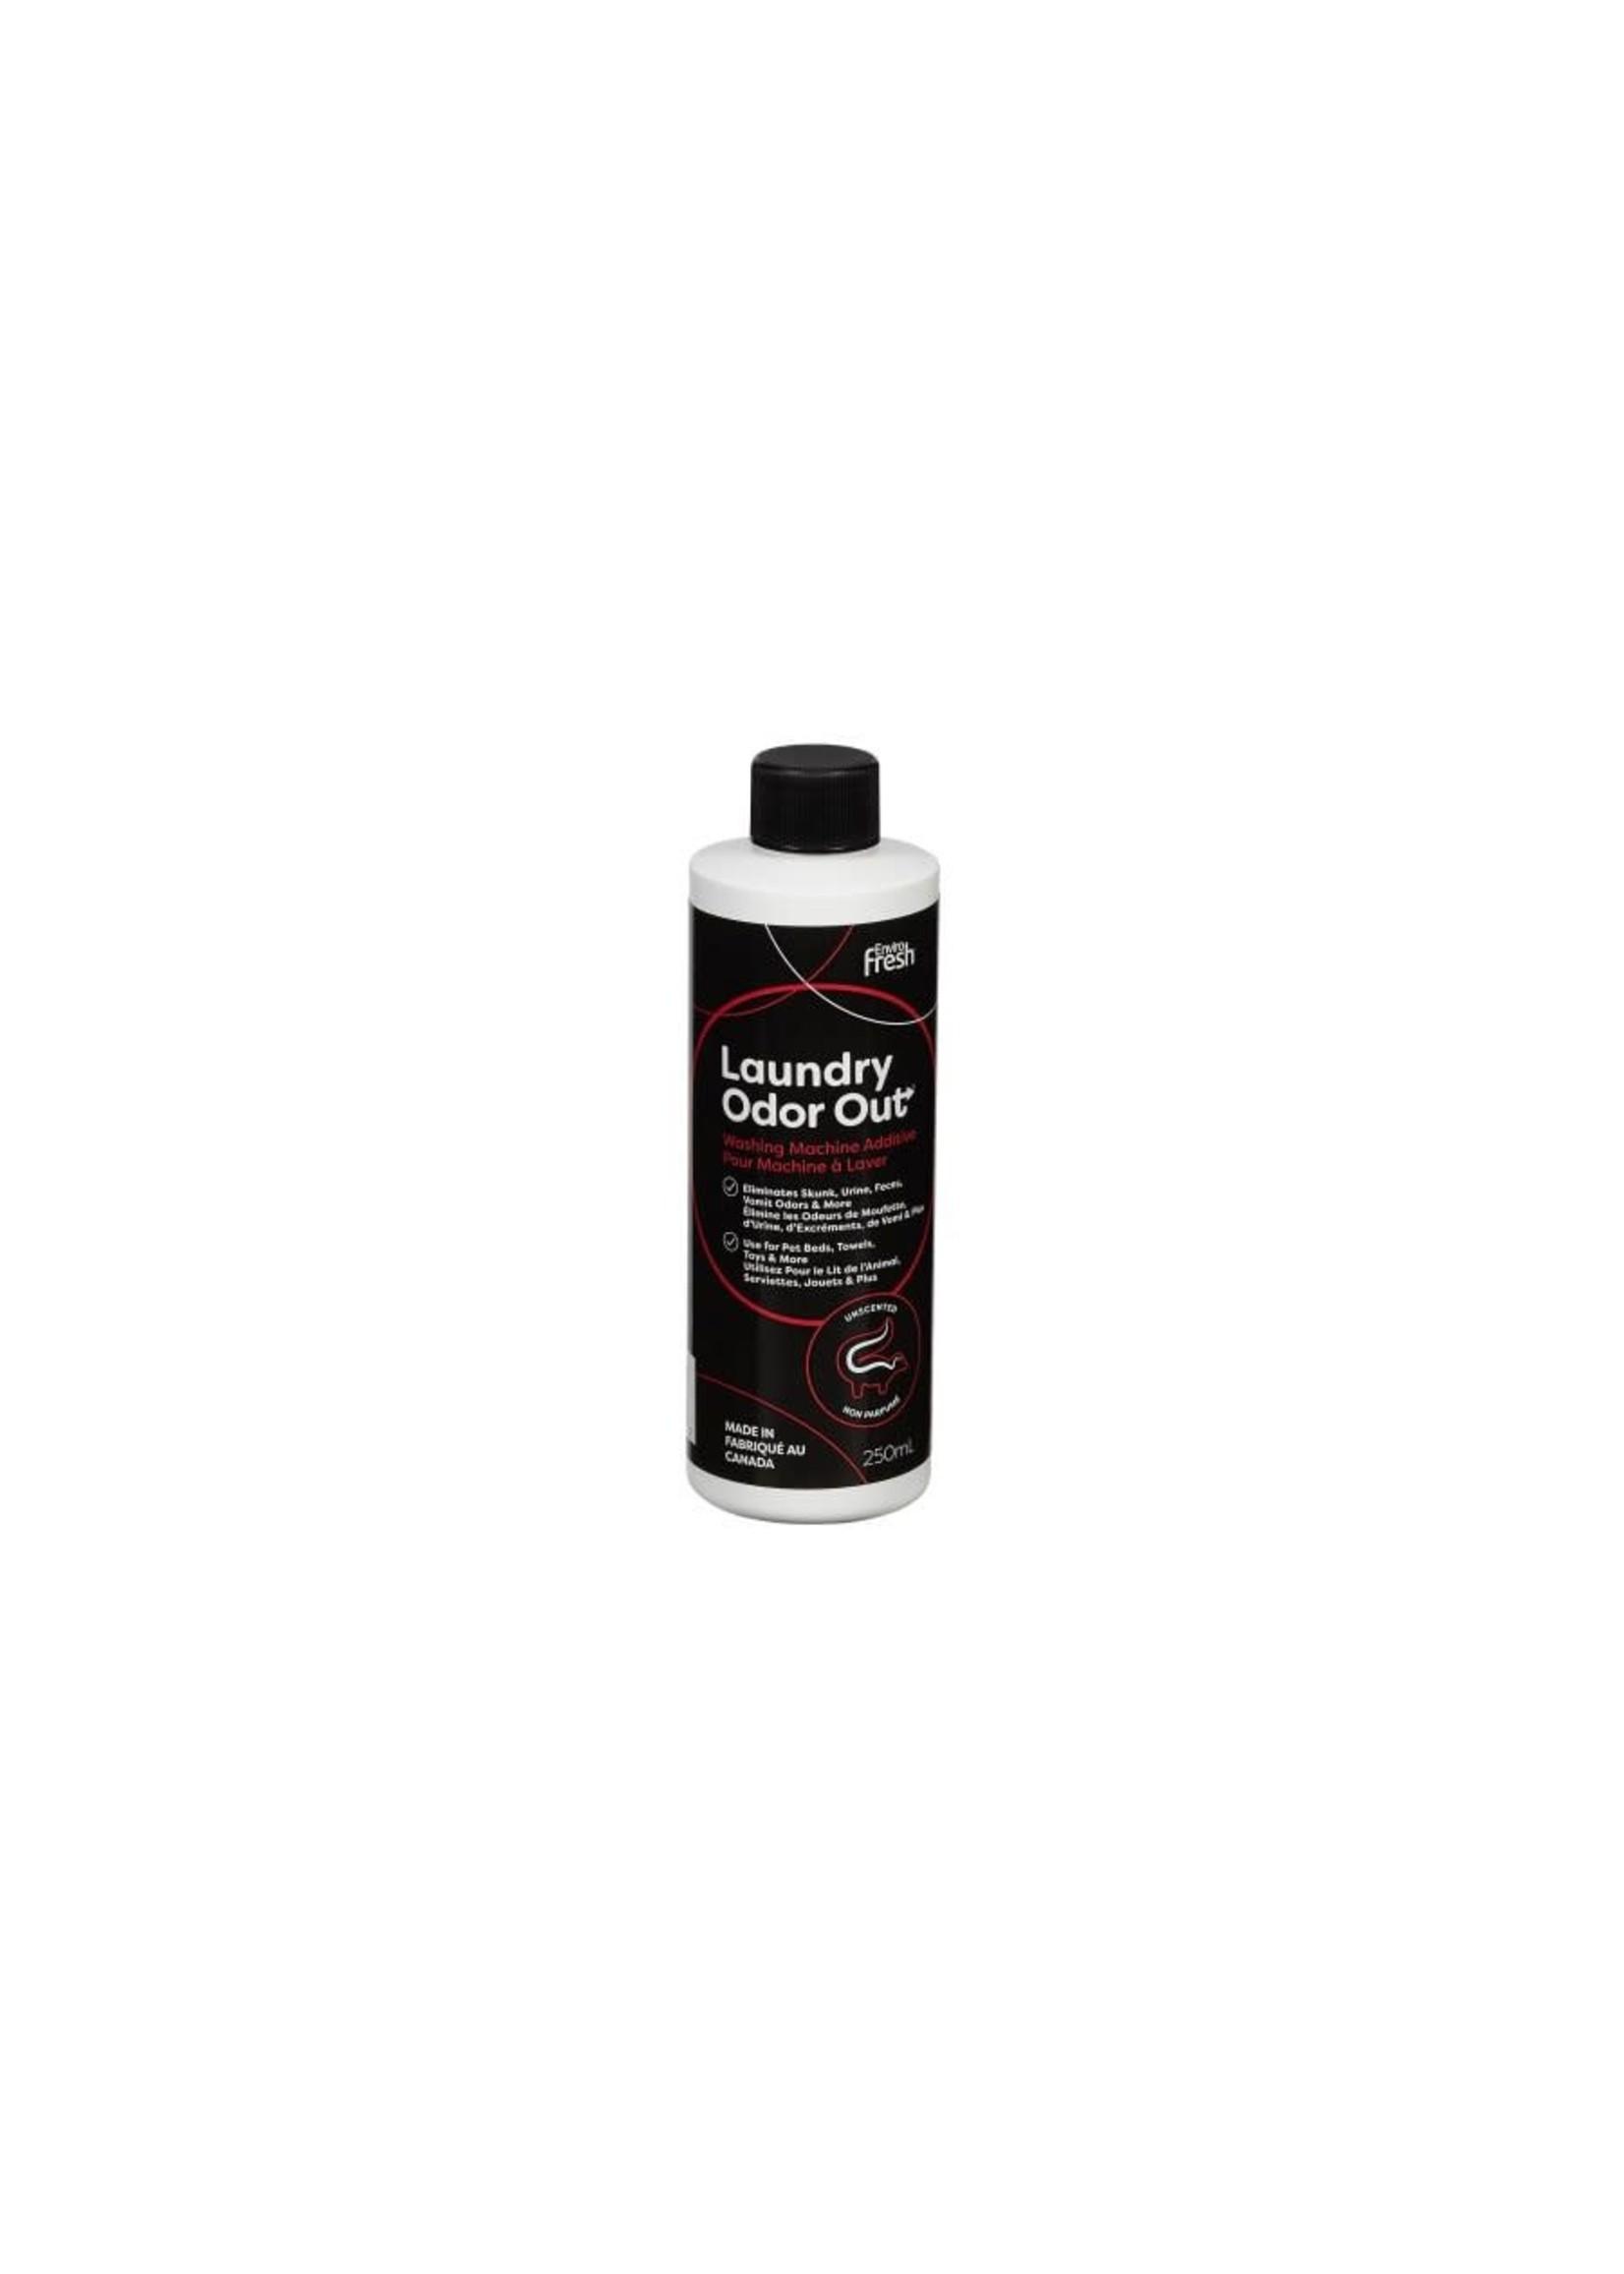 envirofresh Envirofresh éliminateur d'odeurs pour la lessive(urine, moufette, etc.) 250 ml